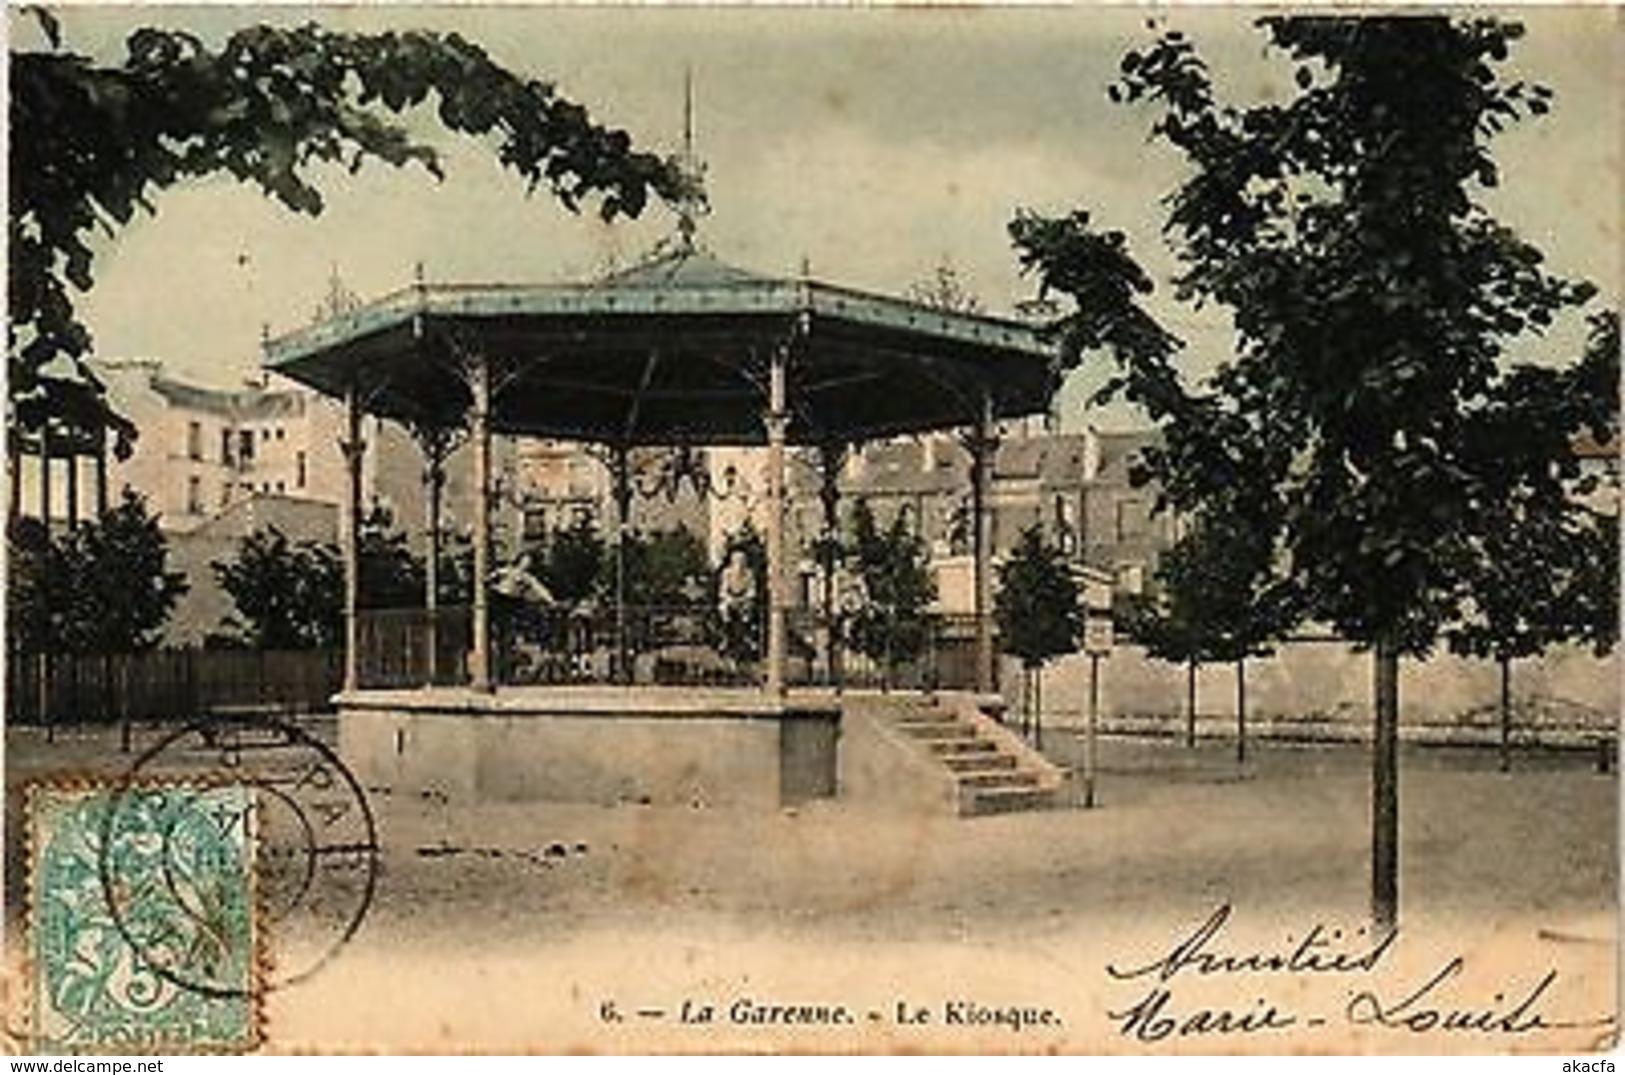 CPA La Garenne - Le Kiosque (274804) - La Garenne Colombes